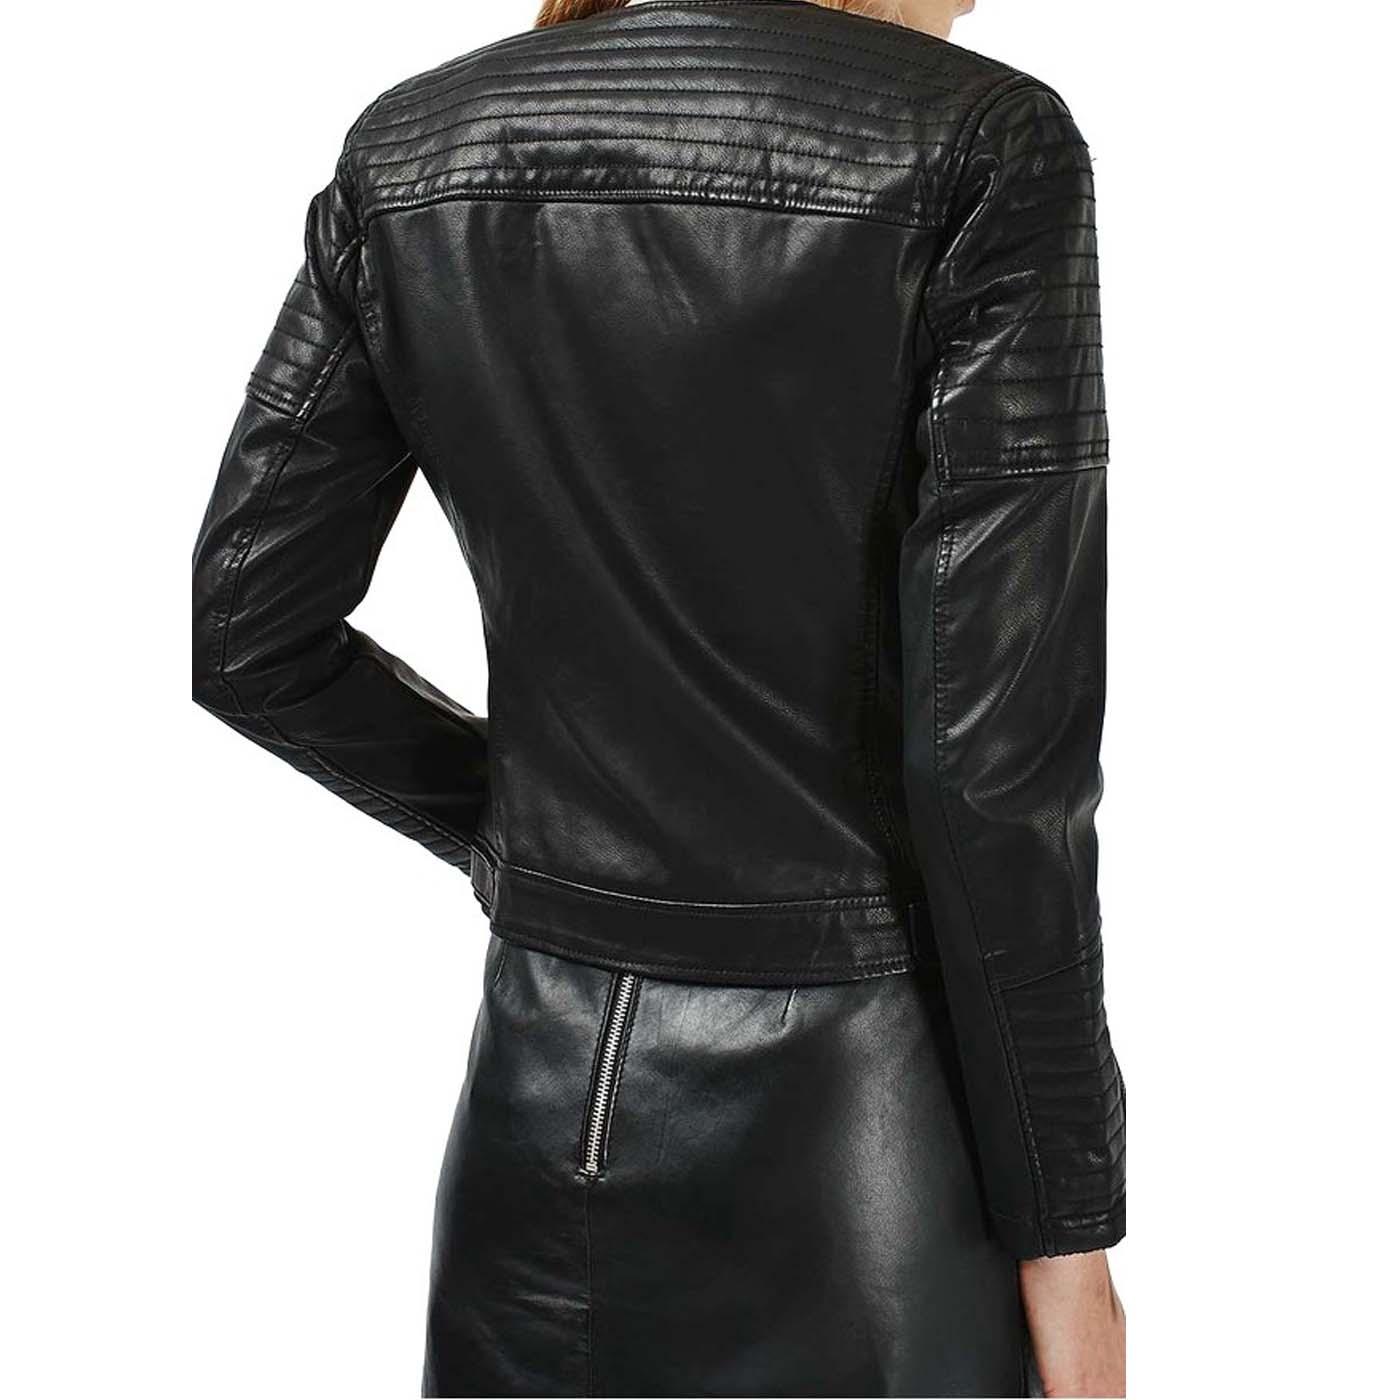 Leather-Biker-Jacket-For-women-2.